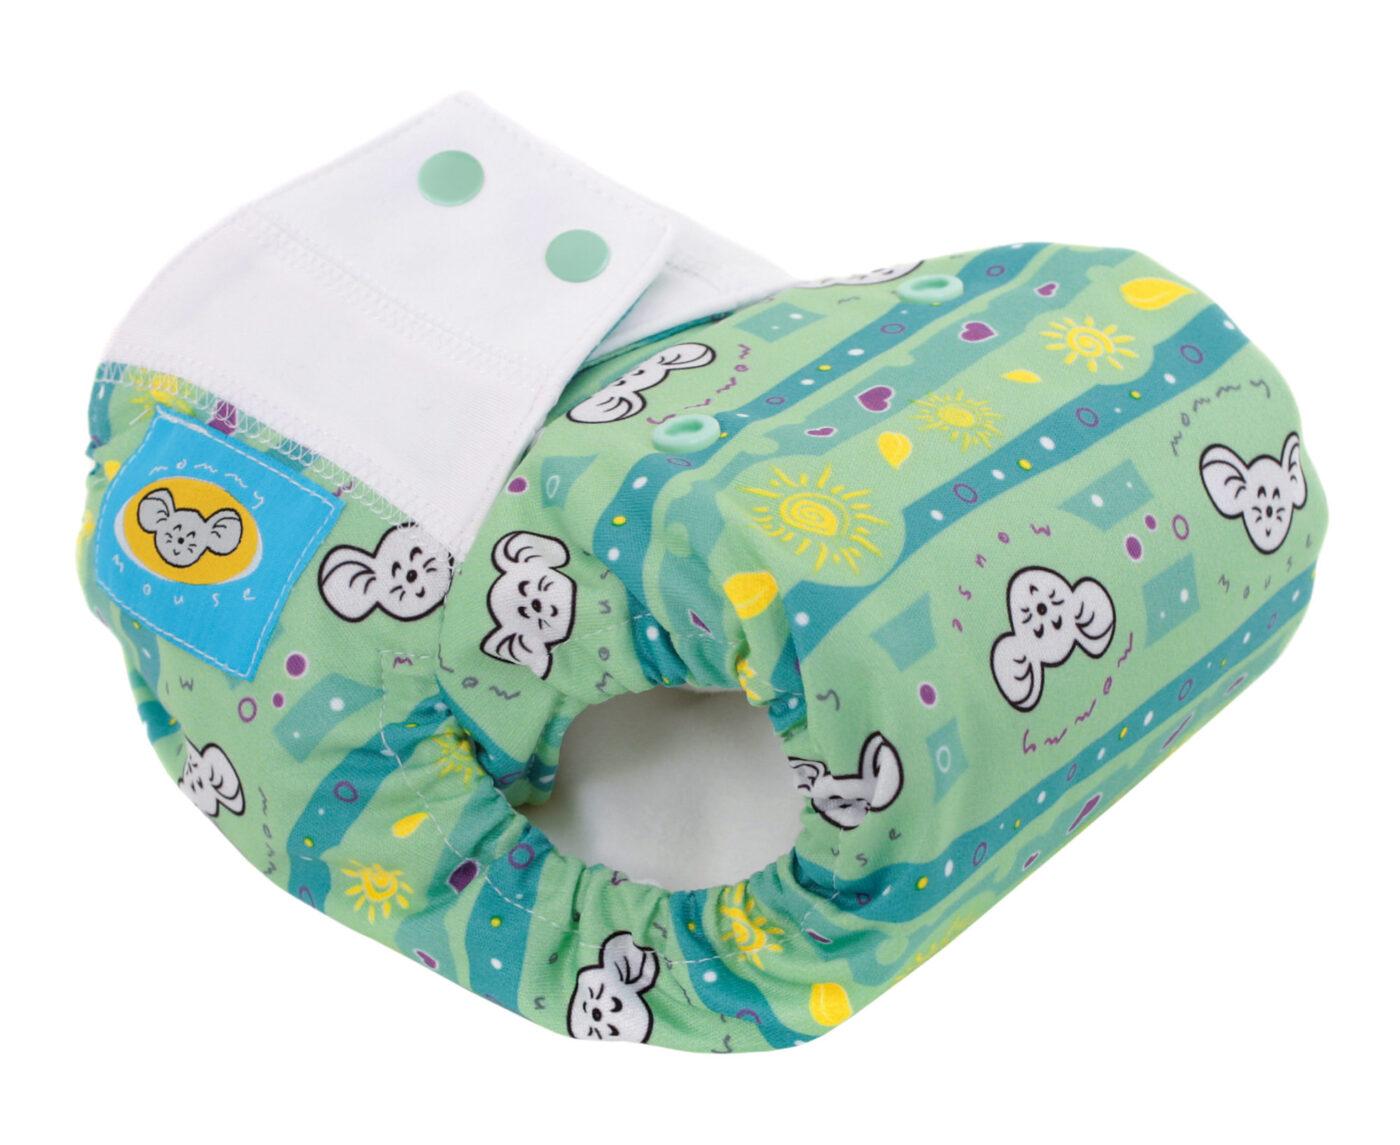 SIO/System diapers (MOJE SŁONECZKO)